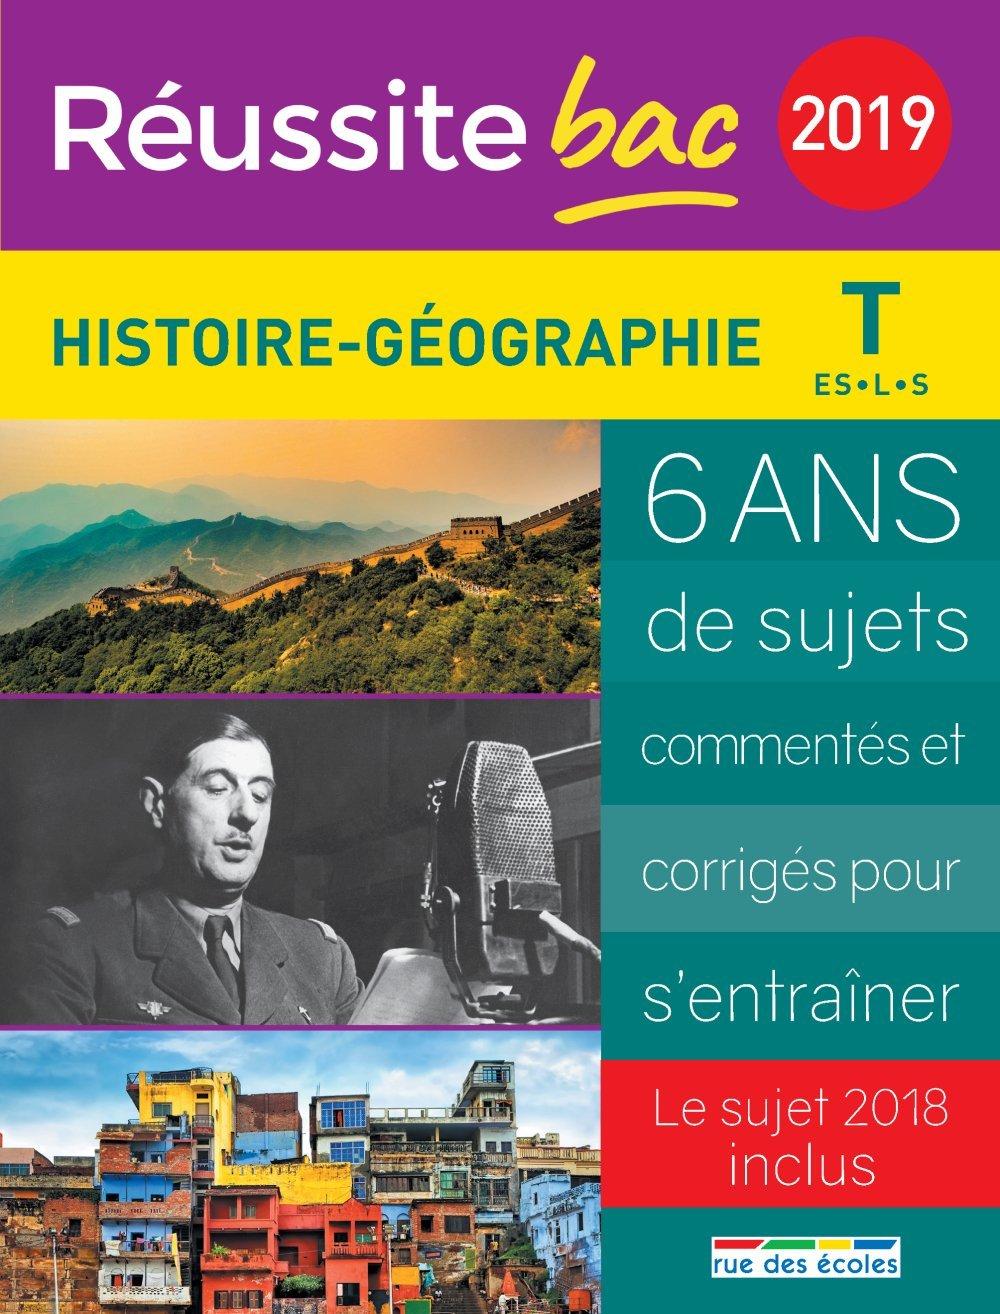 Histoire-Géographie Tle ES, L, S (French) Paperback – August 28, 2018